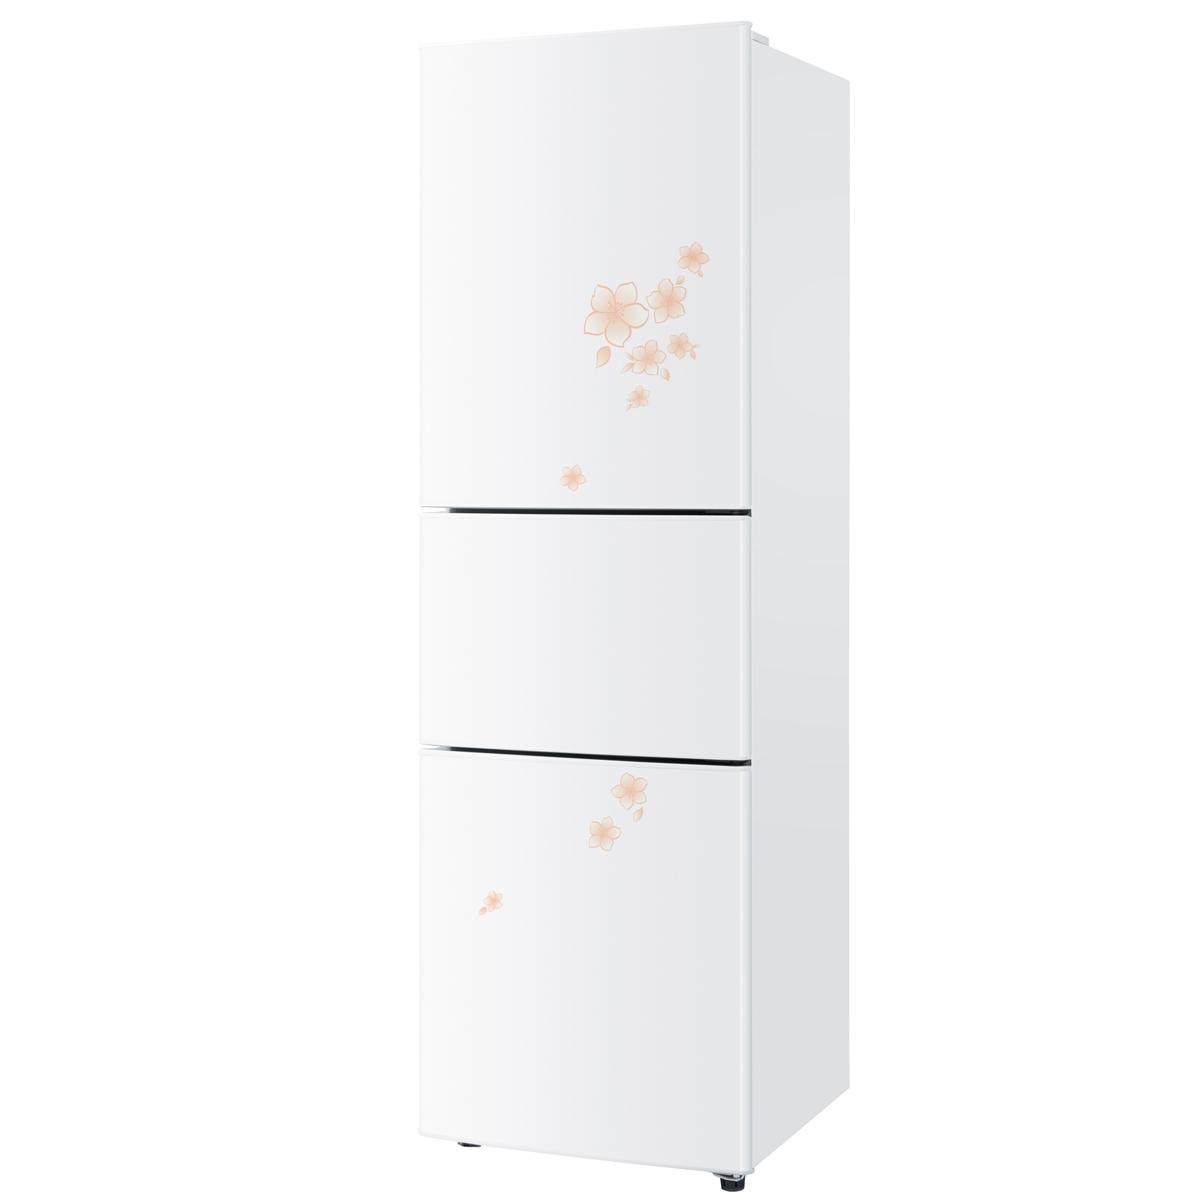 海尔冰箱 bcd-215sfeshot